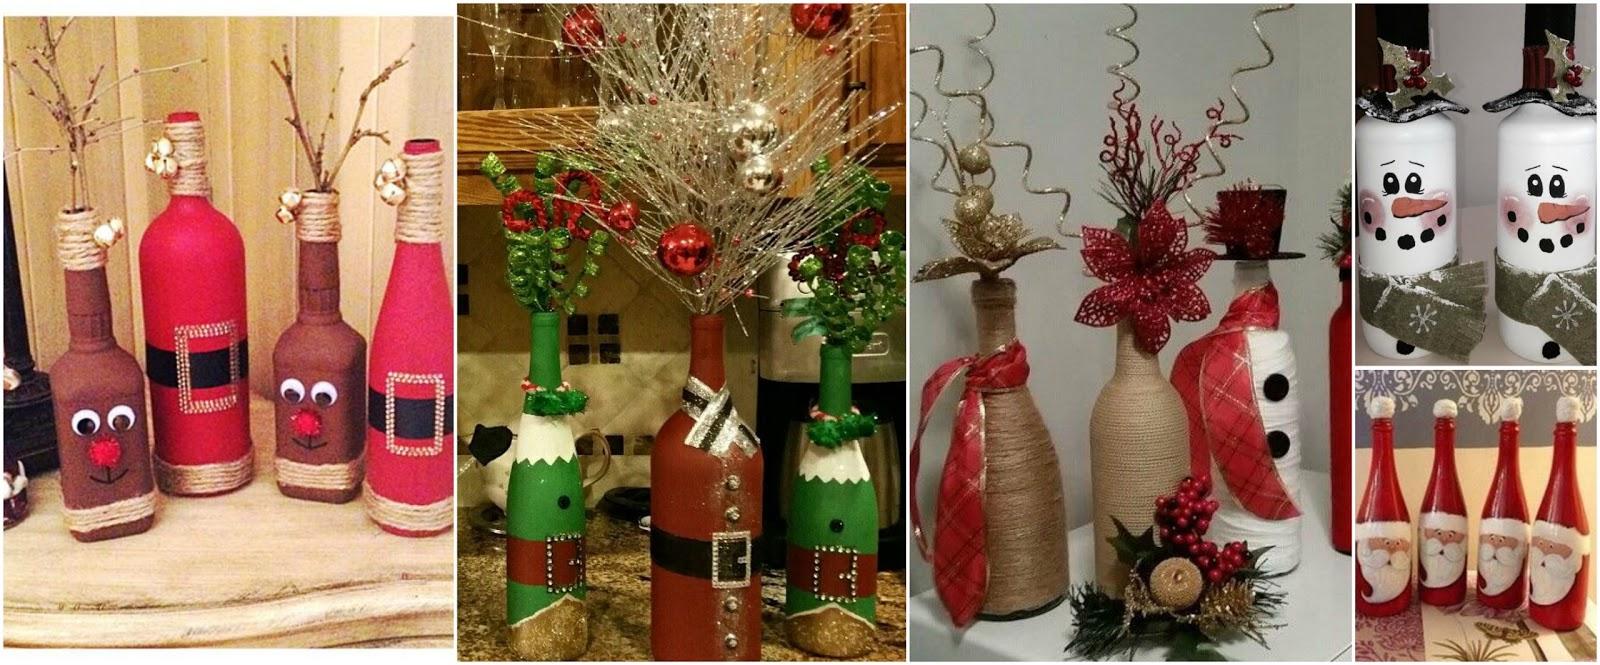 12 ideas incre bles para reciclar y decorar botellas en for Ideas para decorar botellas